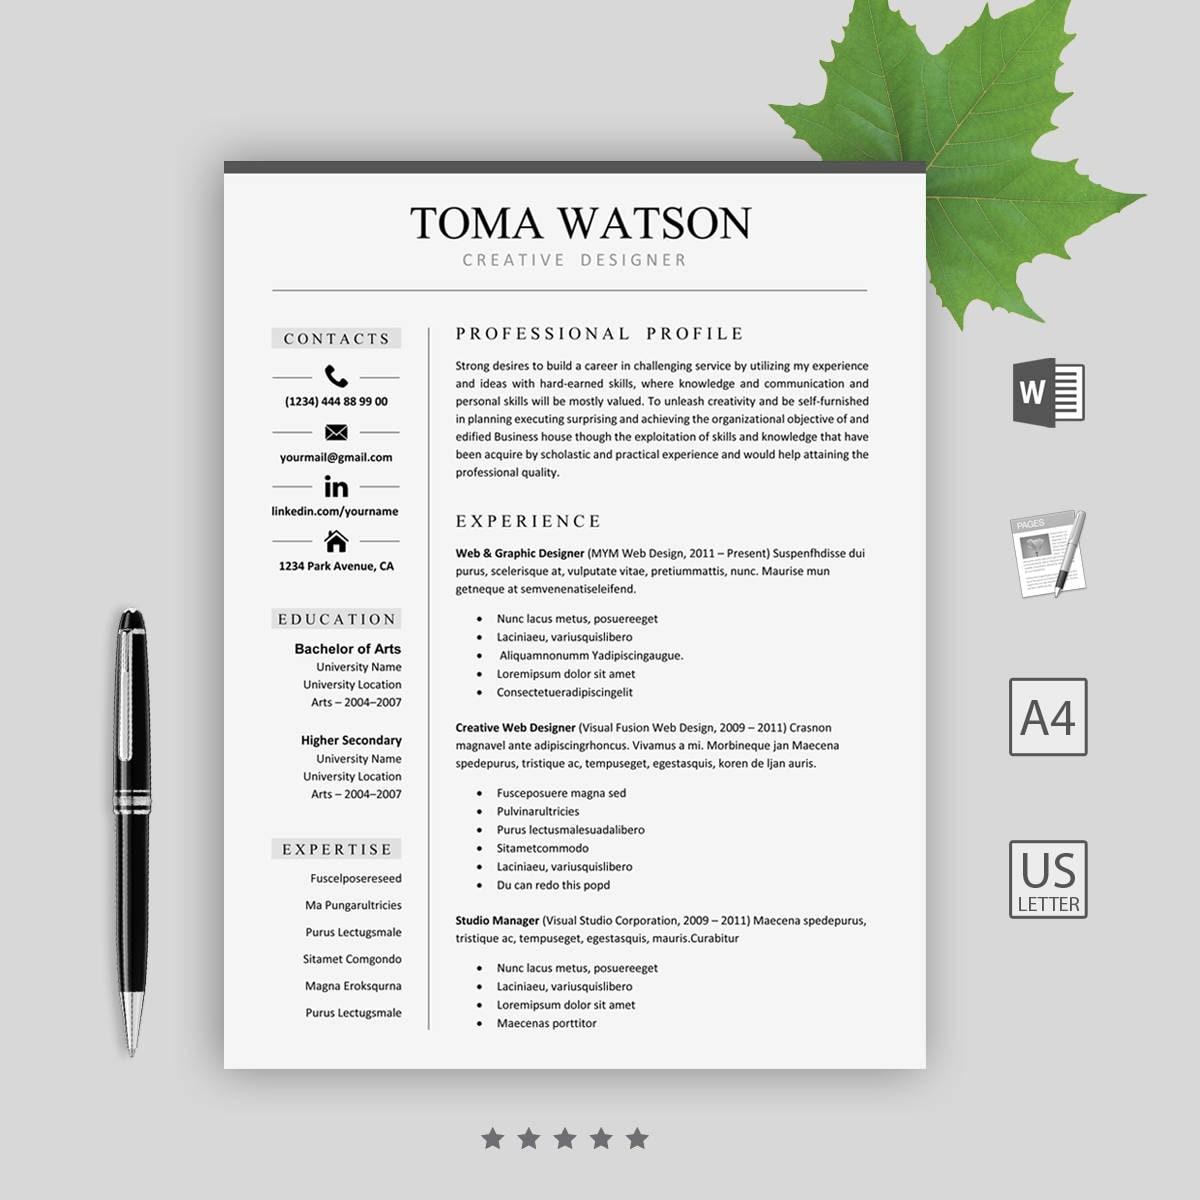 Lebenslauf Vorlage sofort herunterladen-CV kreative